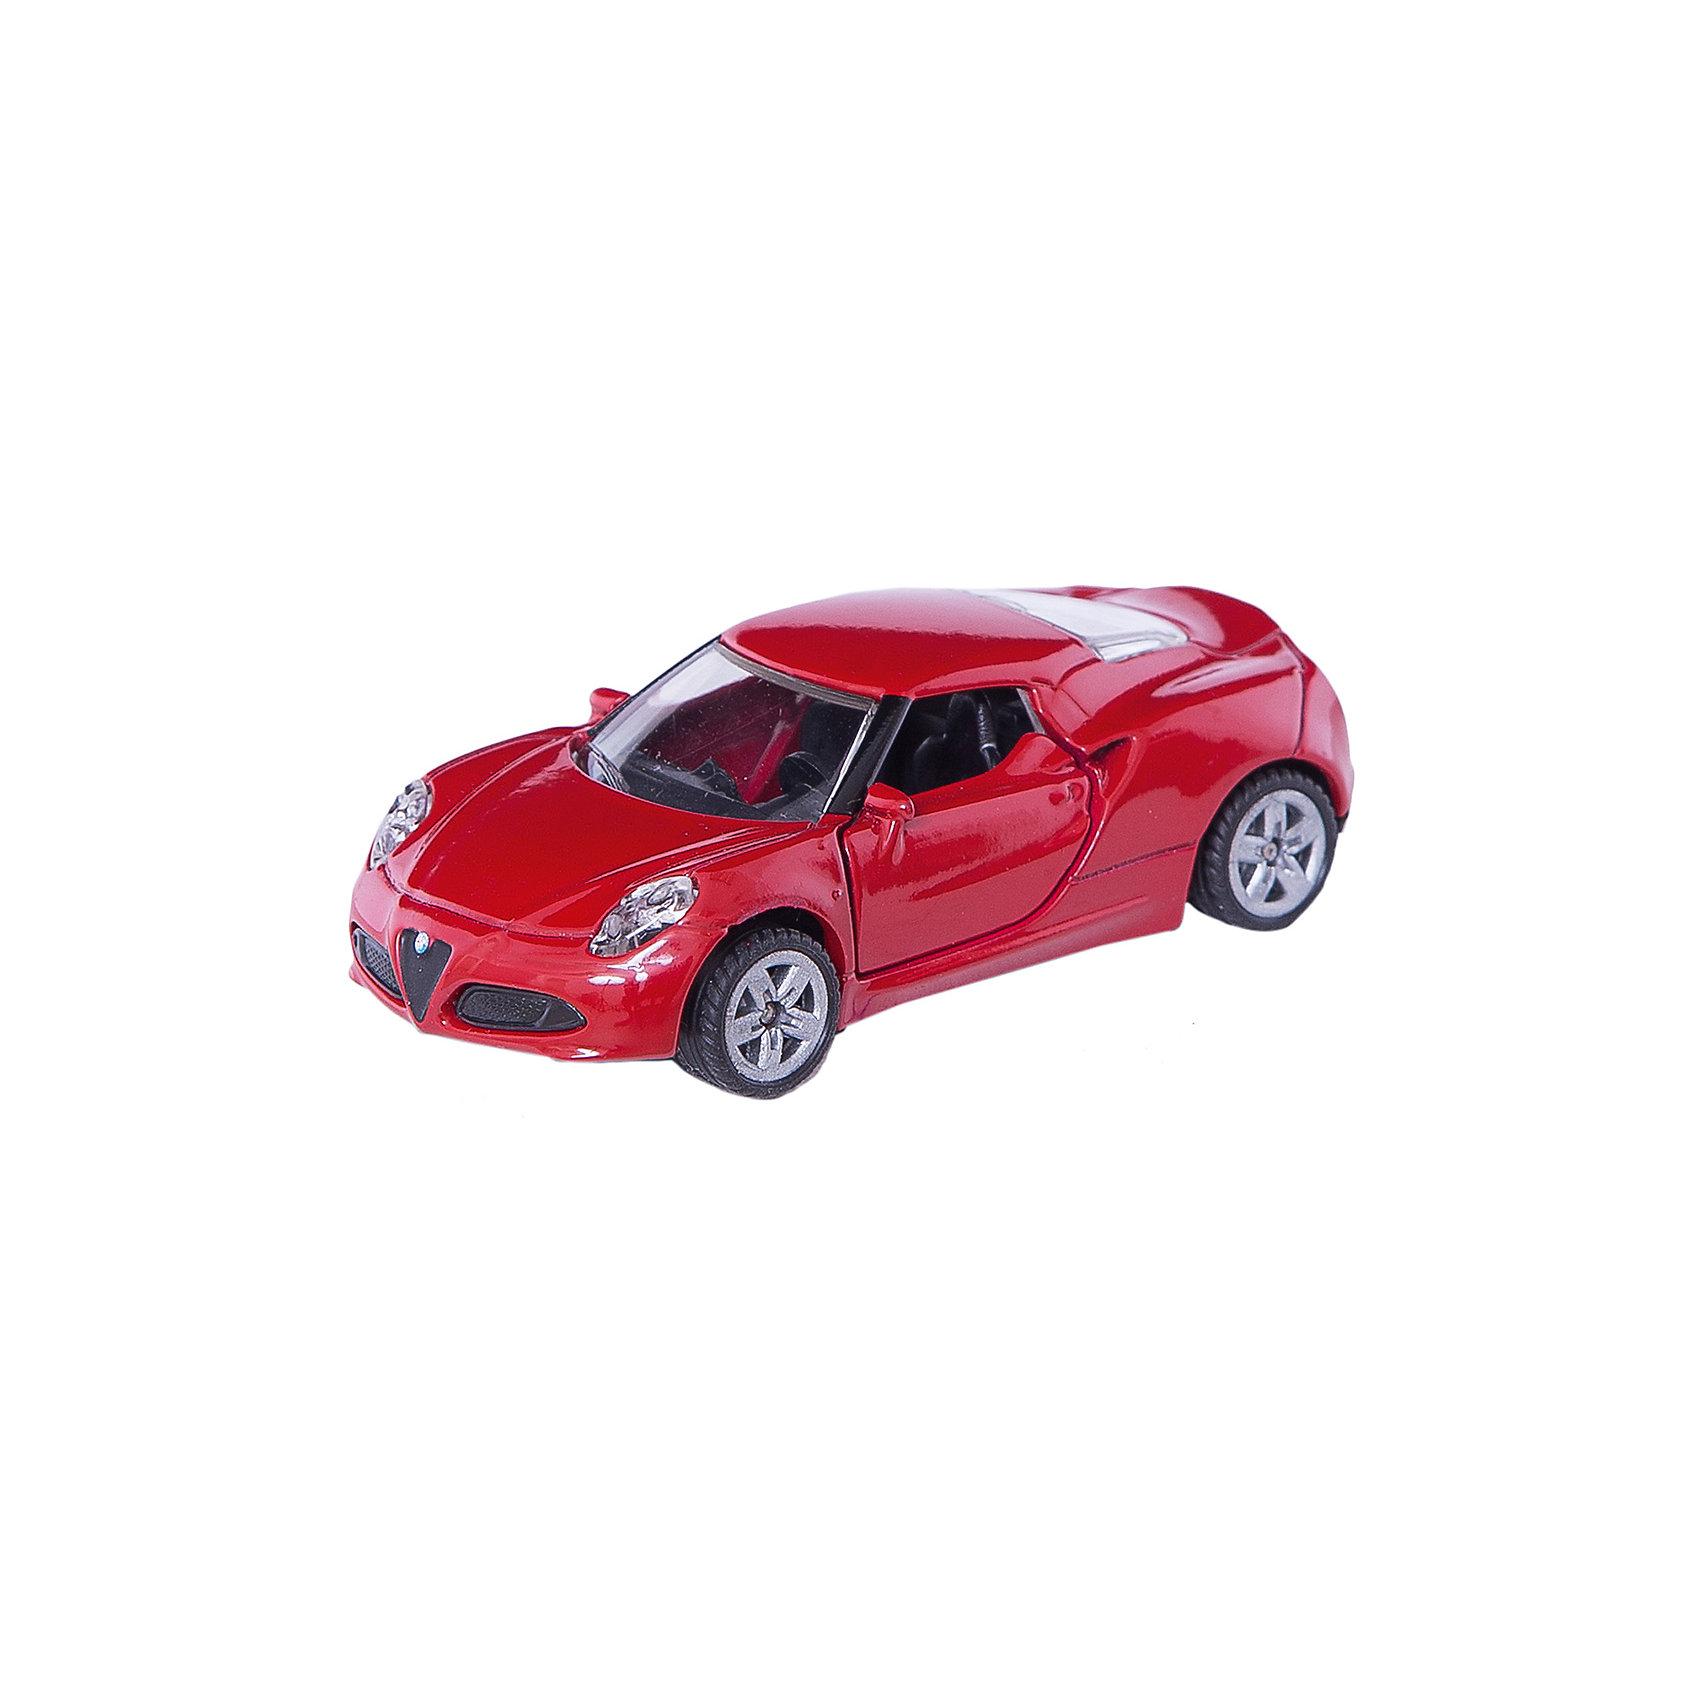 SIKU 1451 Альфа Ромео 4cКоллекционные модели<br>Машина Альфа Ромео 4c, Siku, станет замечательным подарком для автолюбителей всех возрастов. Модель представляет из себя реалистичную копию популярного спорткара Альфа Ромео 4c и отличается высокой степенью детализации и тщательной проработкой всех элементов. Стильная машинка ярко-красного цвета оснащена прозрачными лобовыми стеклами, в салоне можно увидеть сиденья и руль, двери открываются, спереди и сзади пластиковые фары. Колеса вращаются, широкие шины оборудованы спортивными колесными дисками. Корпус модели обтекаемой формы выполнен из металла, детали изготовлены из ударопрочной пластмассы.<br><br>Дополнительная информация:<br><br>- Материал: металл, пластик.<br>- Масштаб: 1:55.<br>- Размер машинки: 7,8 x 9,7 x 3,8 см.<br>- Вес: 59 гр.<br><br>1451 Альфа Ромео 4c, Siku, можно купить в нашем интернет-магазине.<br><br>Ширина мм: 96<br>Глубина мм: 78<br>Высота мм: 40<br>Вес г: 59<br>Возраст от месяцев: 36<br>Возраст до месяцев: 96<br>Пол: Мужской<br>Возраст: Детский<br>SKU: 3716514